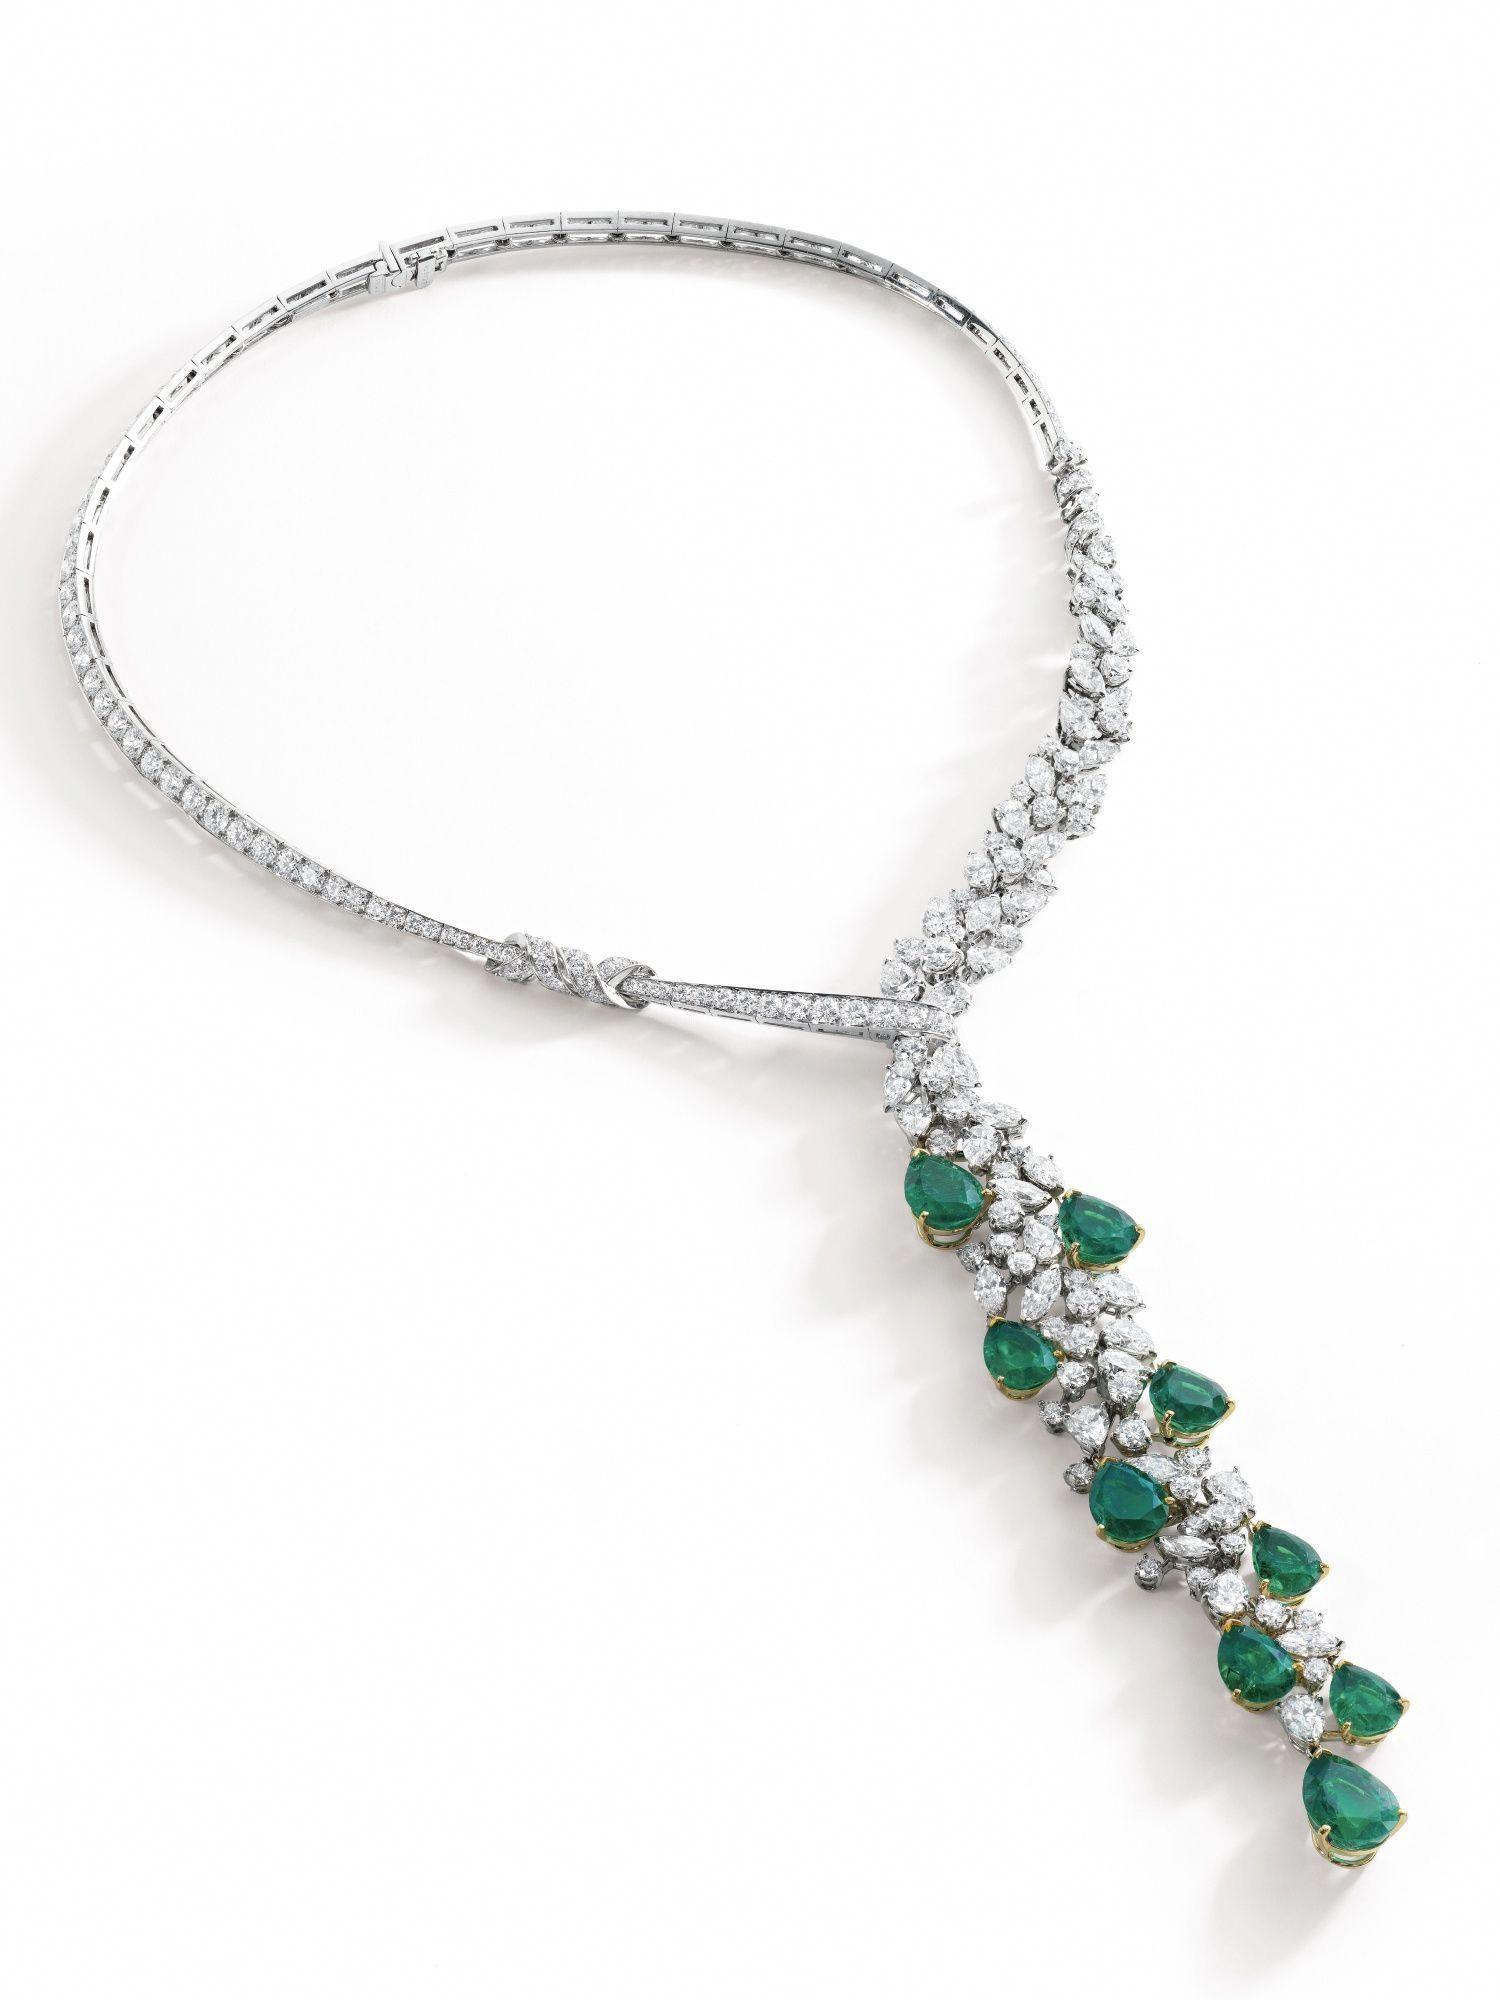 van cleef and arpels necklace sotheby's